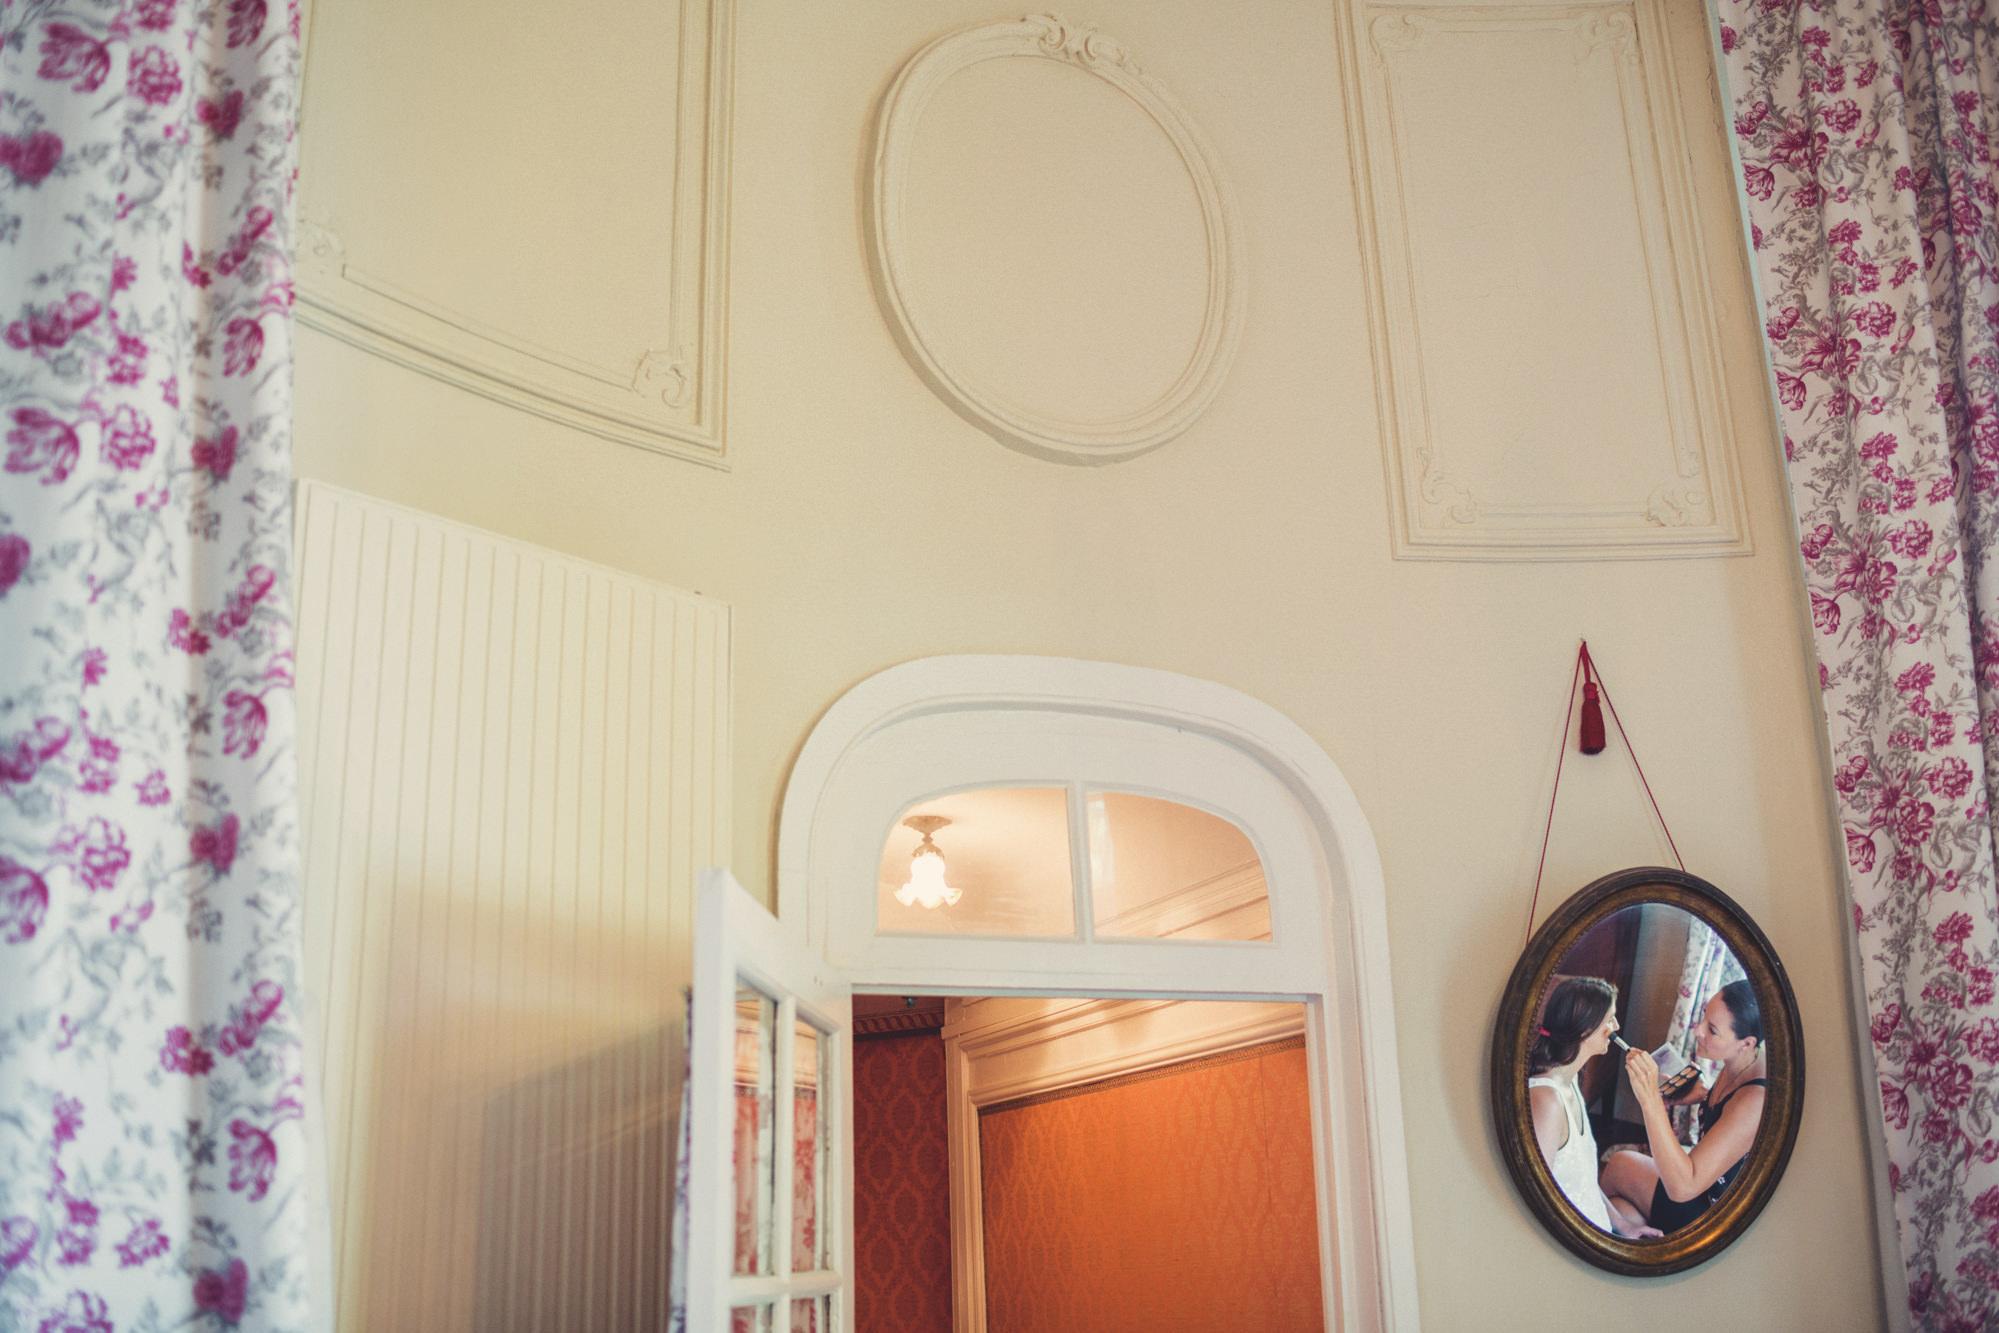 Mariage au Chateau d'Ermenonville@Anne-Claire Brun 14